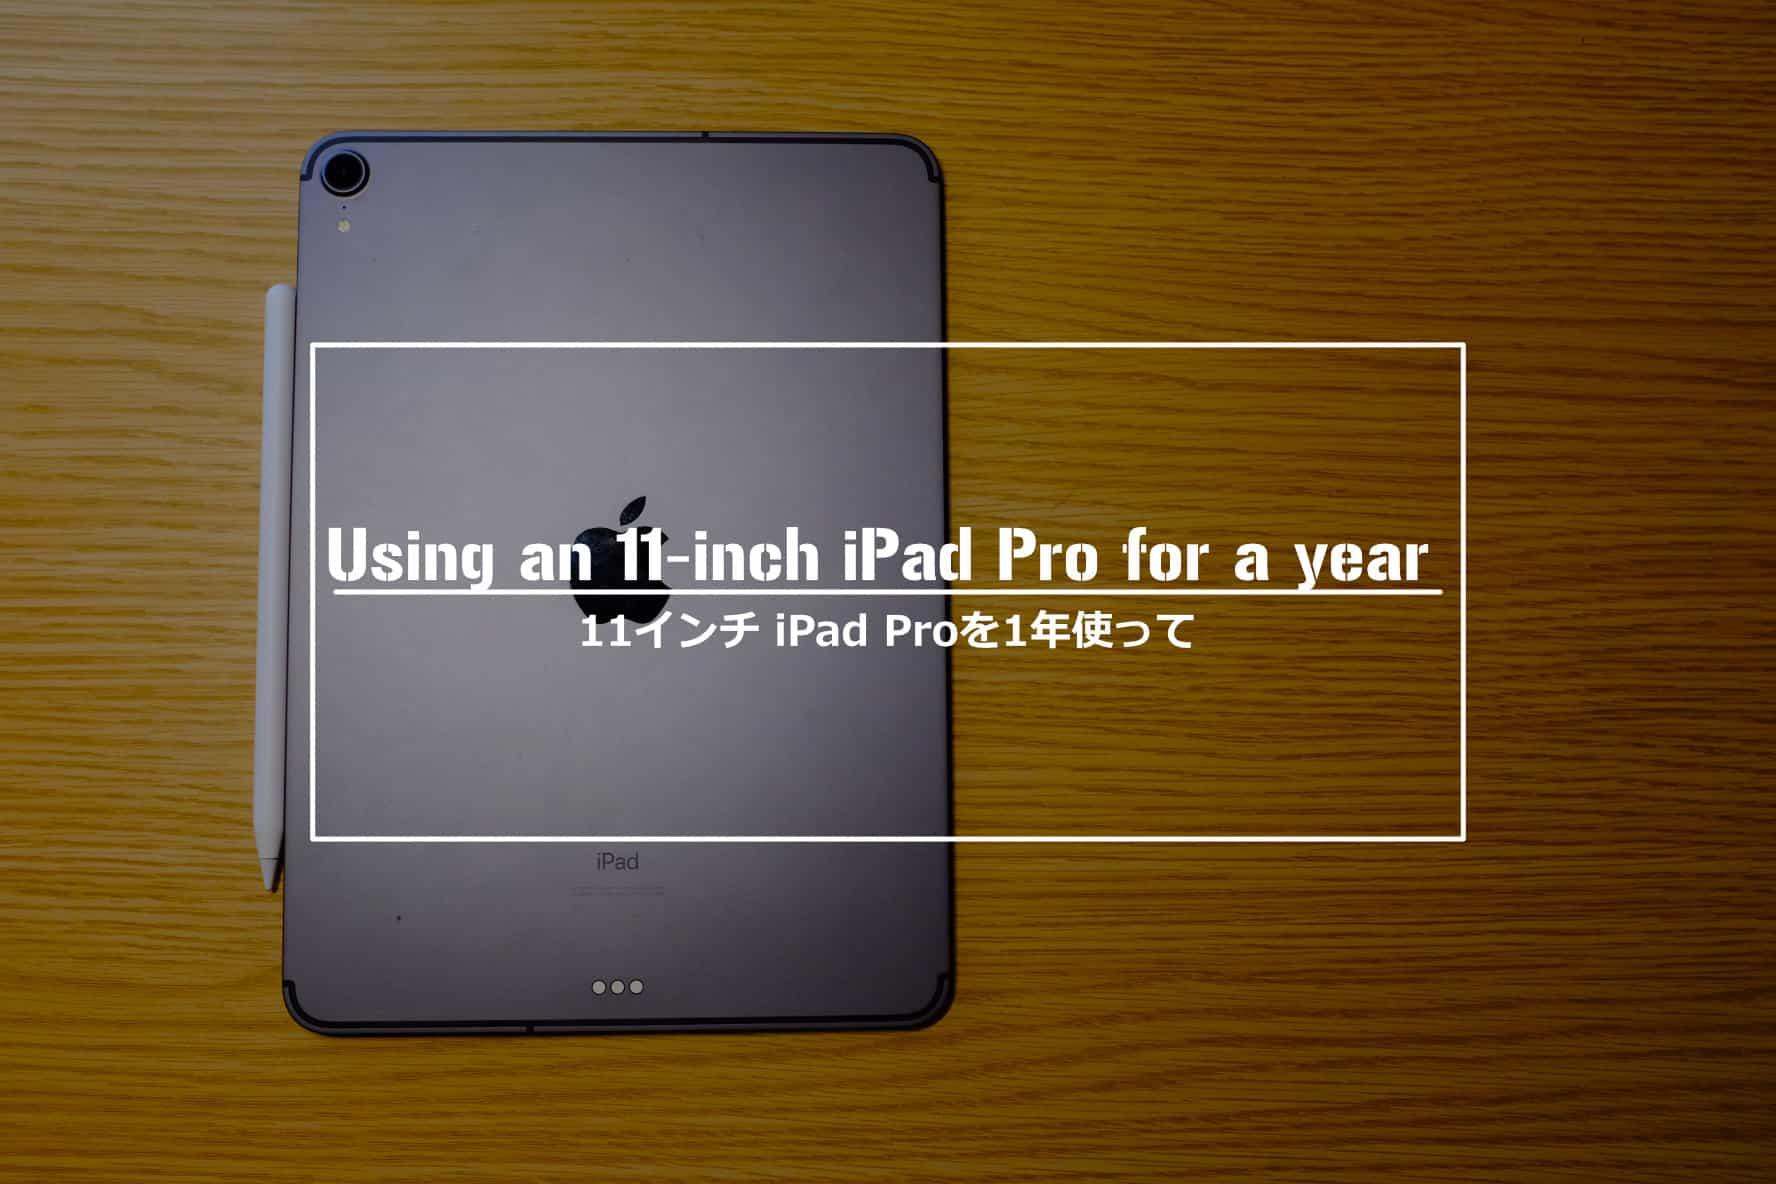 11インチ iPad Pro 2018 を1年使ってわかった5つの活用法